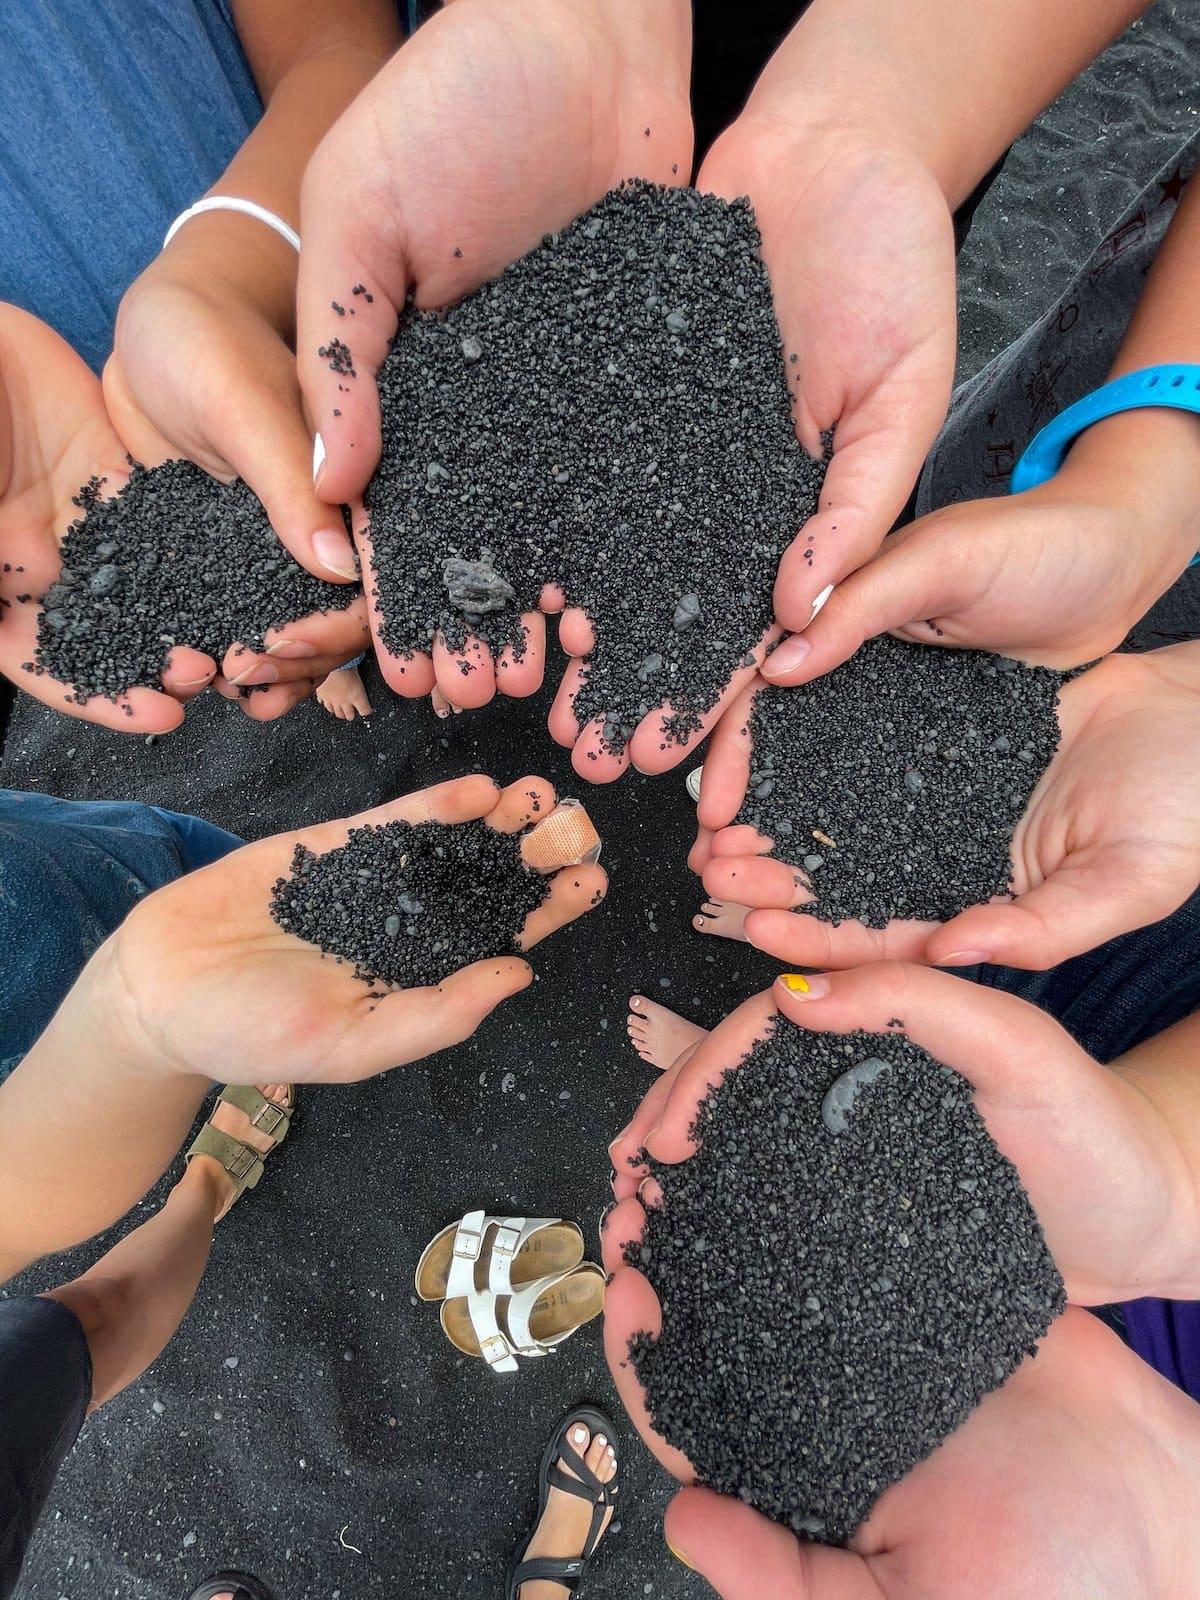 hands holding black sand